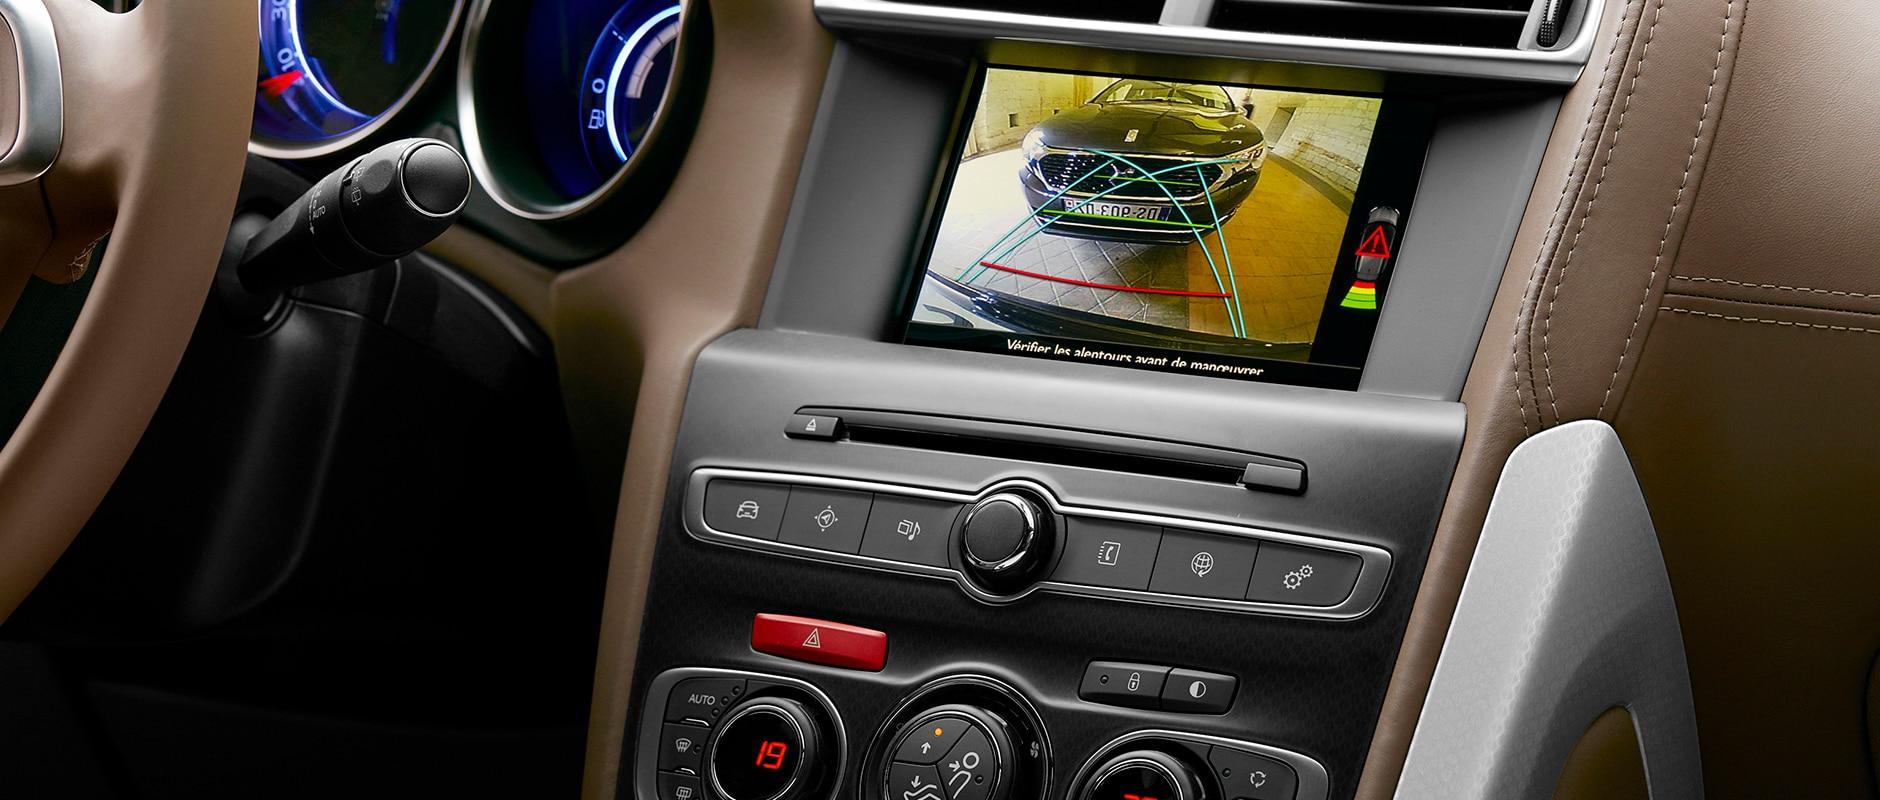 New DS 4 - détails - Technology for Comfort